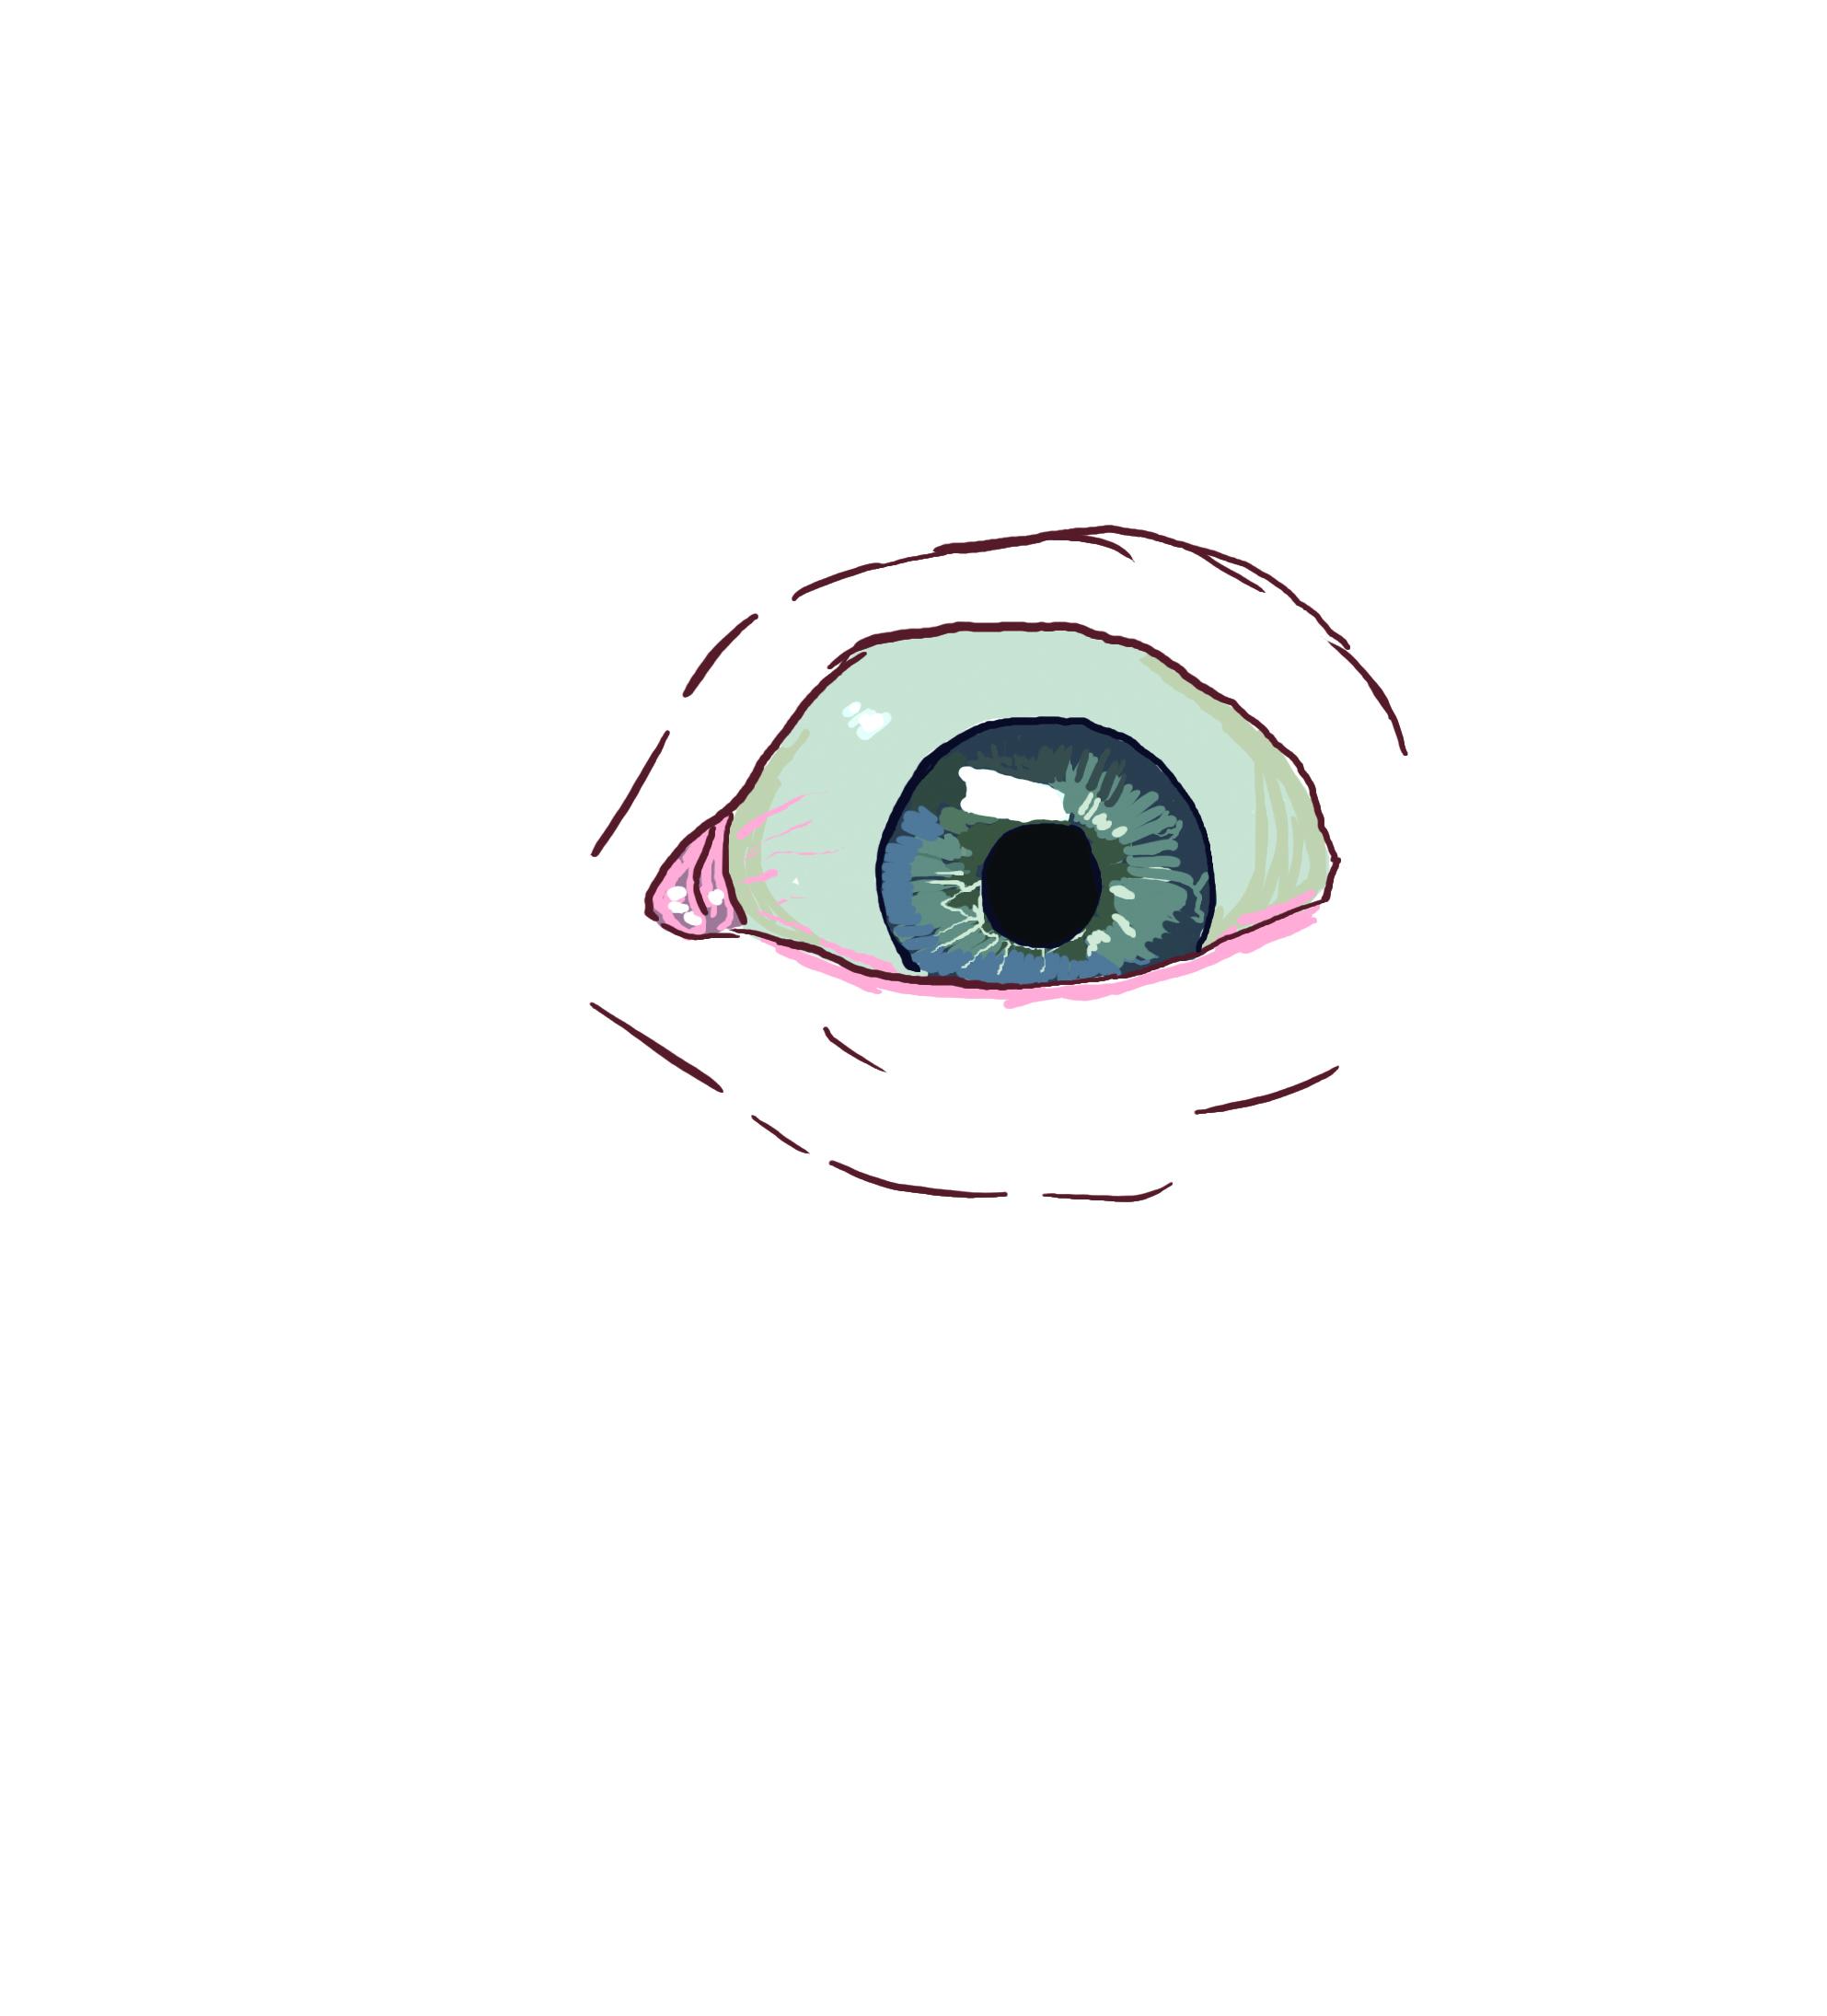 eyeballtransparent.jpg